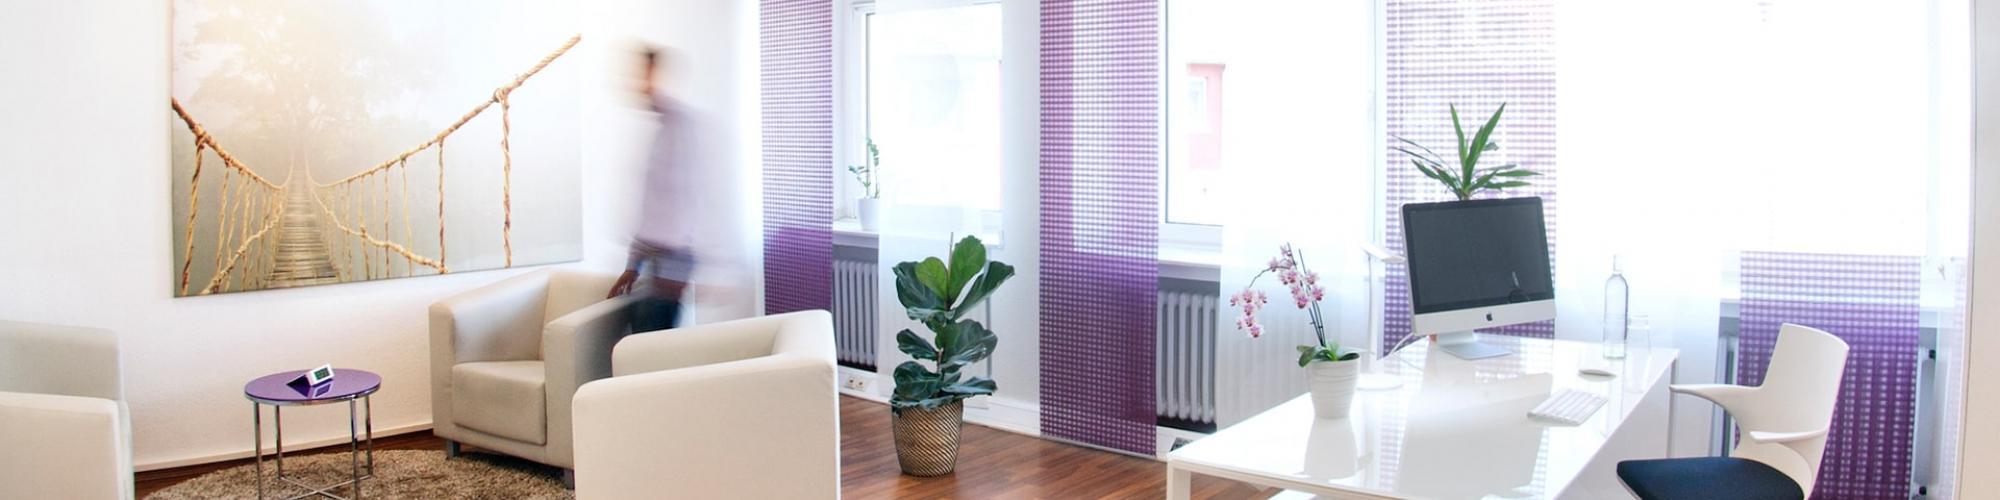 Fachzentren für Psychotherapie, Köln Bonn Düsseldorf Aachen